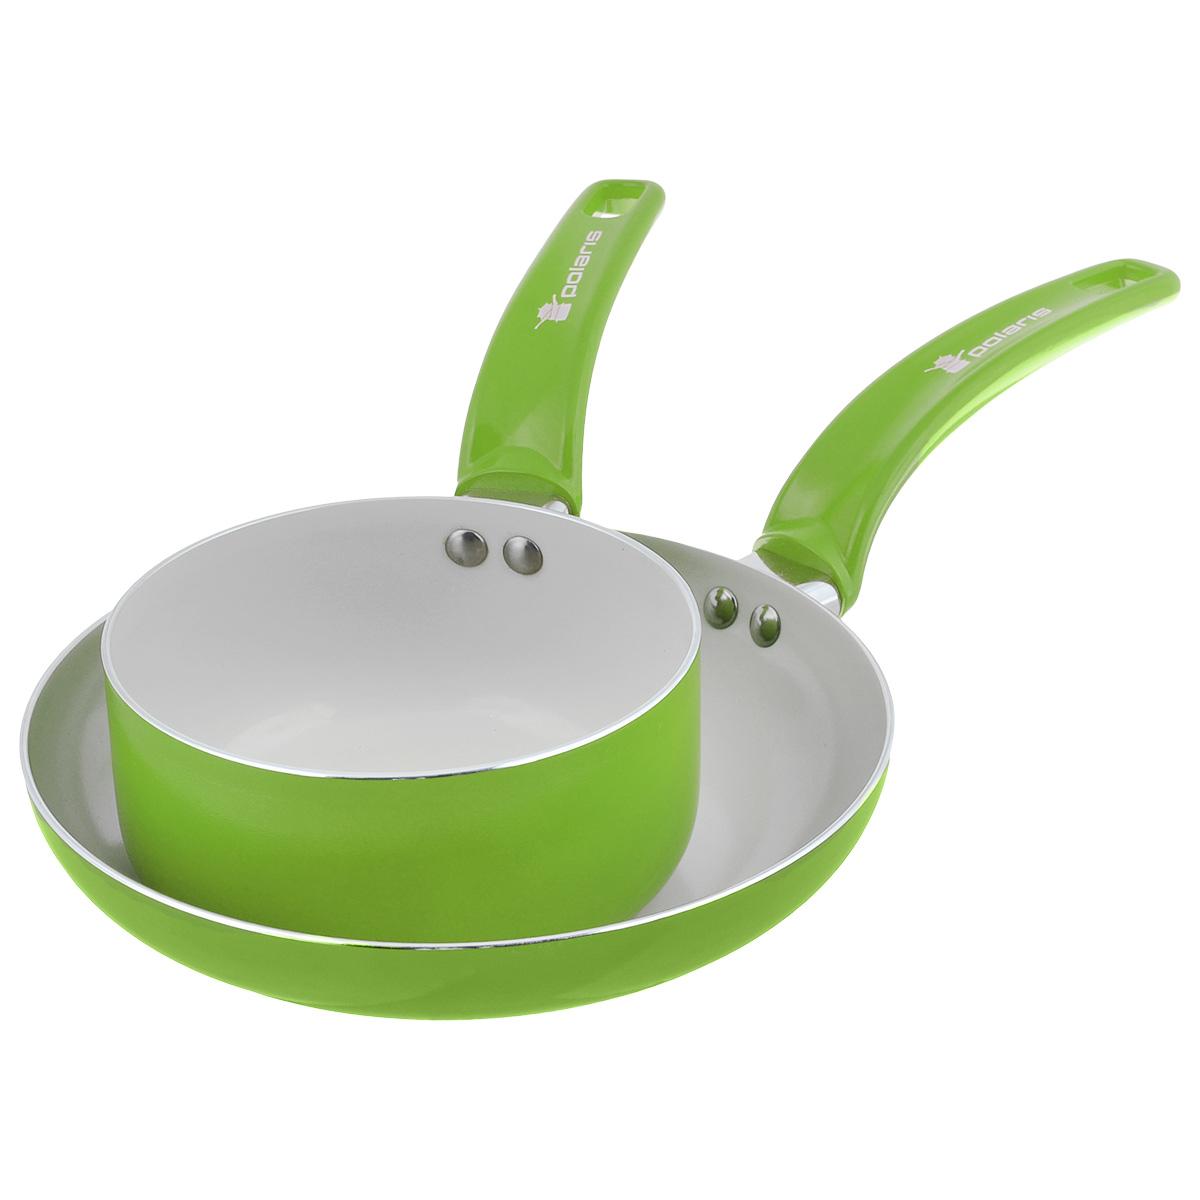 Набор посуды Polaris Rainbow, с керамическим покрытием, цвет: салатовый, 2 предмета94672Набор посуды Polaris Rainbow состоит из сковороды и ковша. Изделия выполнены из алюминия с керамическим антипригарным покрытием. Покрытие экологично, не содержит примеси PFOA и PTFE. Эргономичная ручка из бакелита не нагревается в процессе эксплуатации. Изделия подходят для всех типов плит, кроме индукционных. Можно мыть в посудомоечной машине. Диаметр сковороды (по верхнему краю): 24 см. Диаметр ковша (по верхнему краю): 16 см. Высота стенки сковороды: 4,5 см. Высота стенки ковша: 7,5 см. Длина ручки сковороды: 19 см. Длина ручки ковша: 16 см. Толщина стенки: 2,5 мм. Толщина дна: 3 мм.